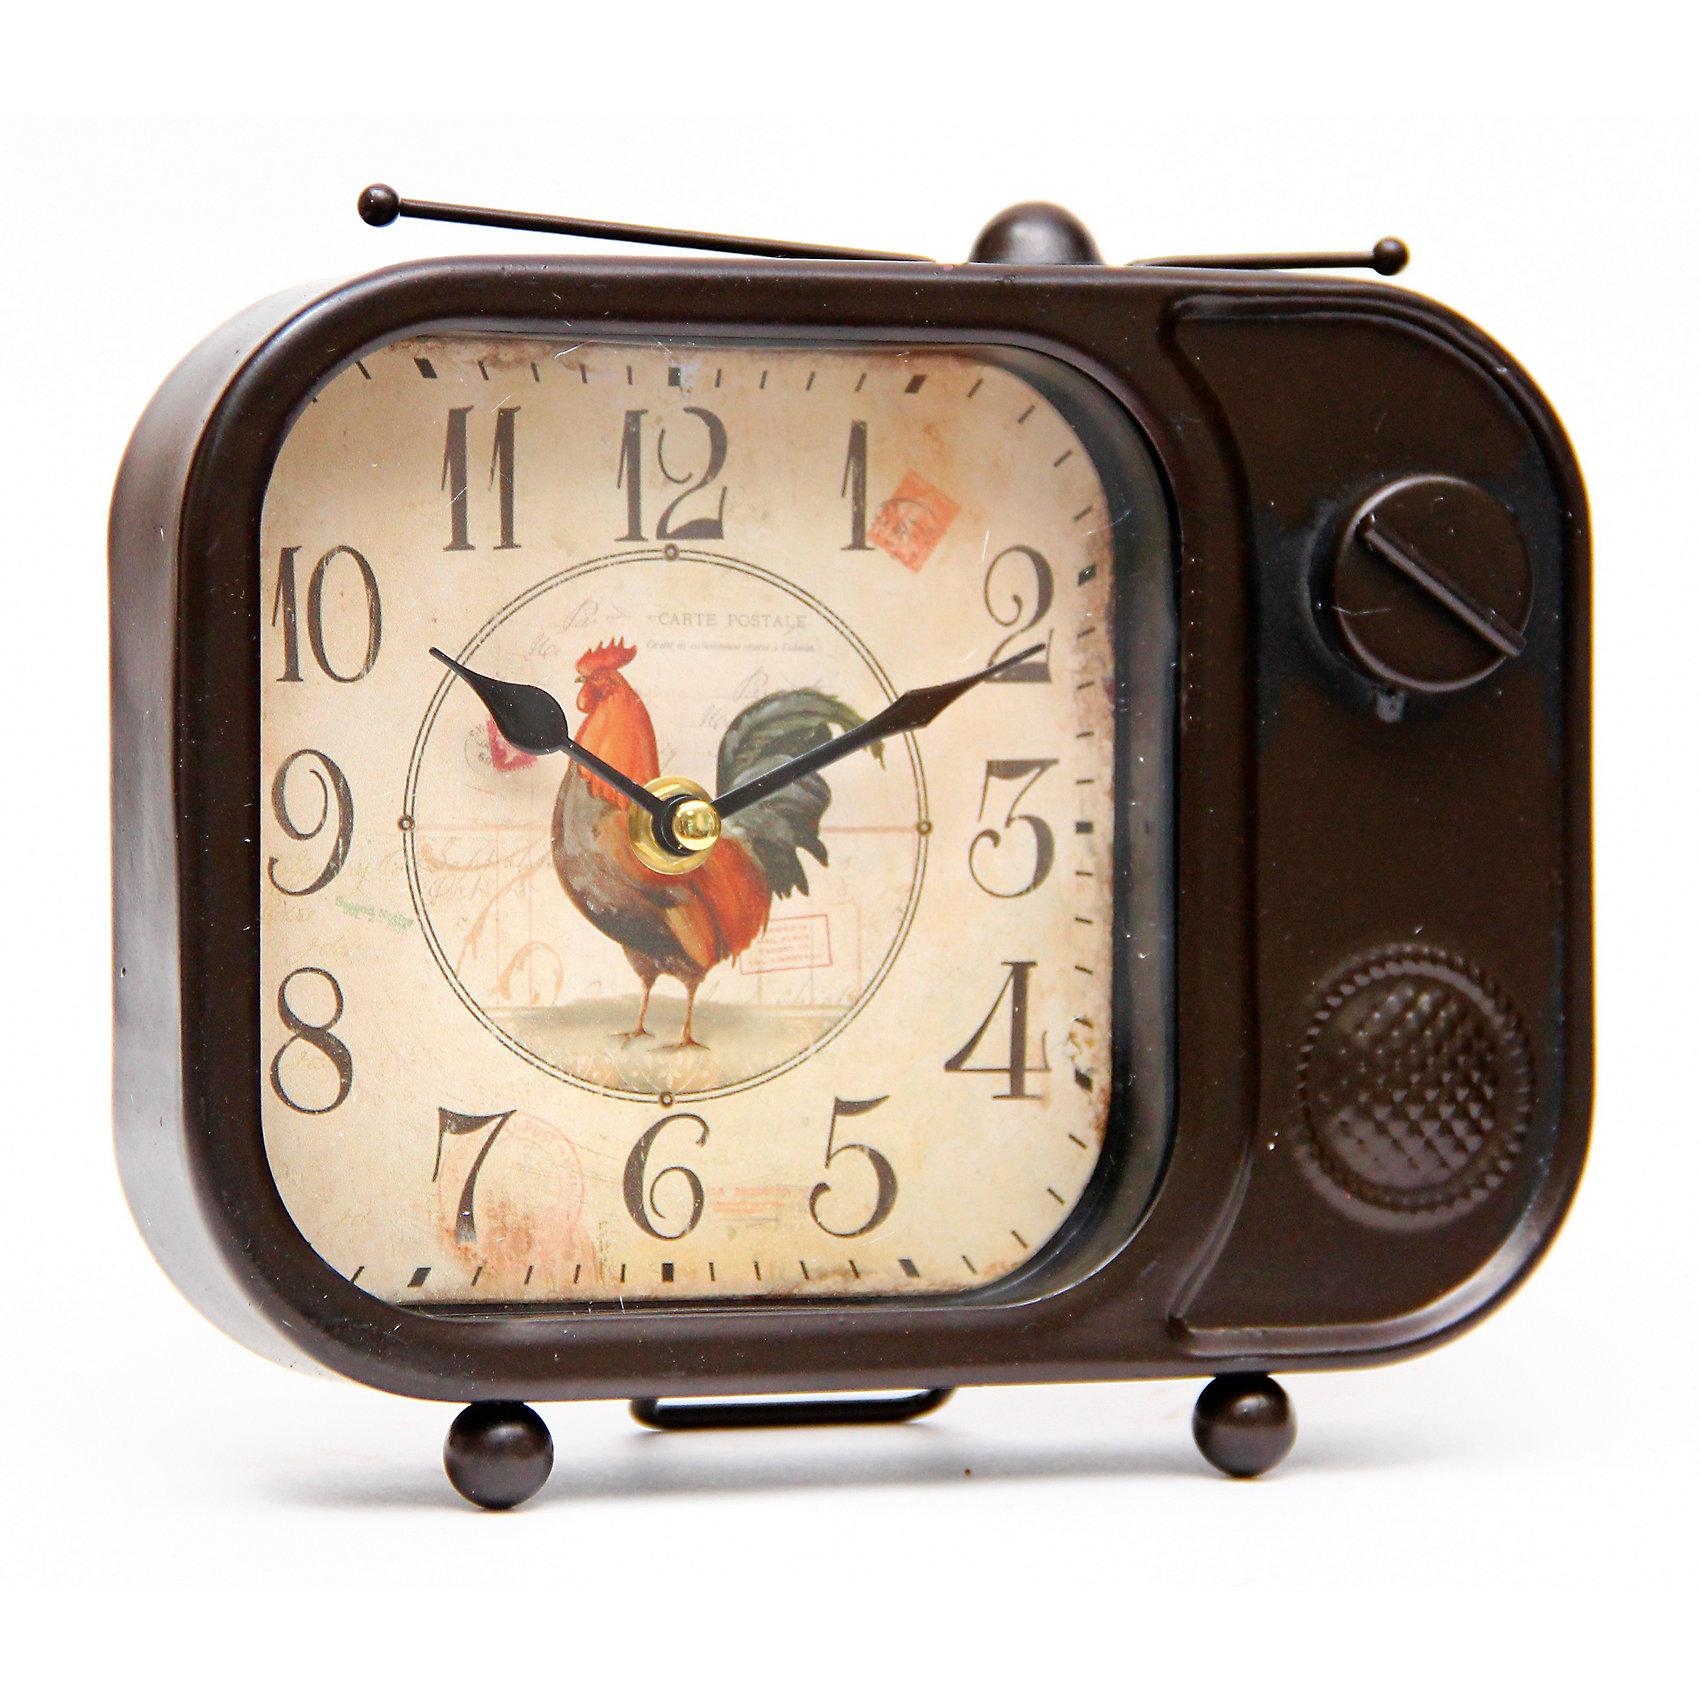 Часы Телевизор настольные кварцевые, Феникс-ПрезентПредметы интерьера<br>Часы Телевизор настольные кварцевые, Феникс-Презент<br><br>Характеристики:<br><br>• оригинальный дизайн в виде телевизора<br>• тип часов: кварцевые<br>• размер: 21х5х19 см<br>• материал: металл<br>• материал циферблата: металл с покрытием из принтованной бумаги<br>• батарейки: АА - 1 шт. (не входит в комплект)<br><br>Часы Телевизор - настоящий подарок для любителей интересных аксессуаров в стиле ретро. Часы изготовлены из металла и выполнены в виде старинного телевизора. Циферблат часов покрыт принтованной бумагой. Для работы необходима батарейка АА (не входит в комплект).<br><br>Часы Телевизор настольные кварцевые, Феникс-Презент можно купить в нашем интернет-магазине.<br><br>Ширина мм: 210<br>Глубина мм: 50<br>Высота мм: 190<br>Вес г: 667<br>Возраст от месяцев: 120<br>Возраст до месяцев: 2147483647<br>Пол: Унисекс<br>Возраст: Детский<br>SKU: 5449711